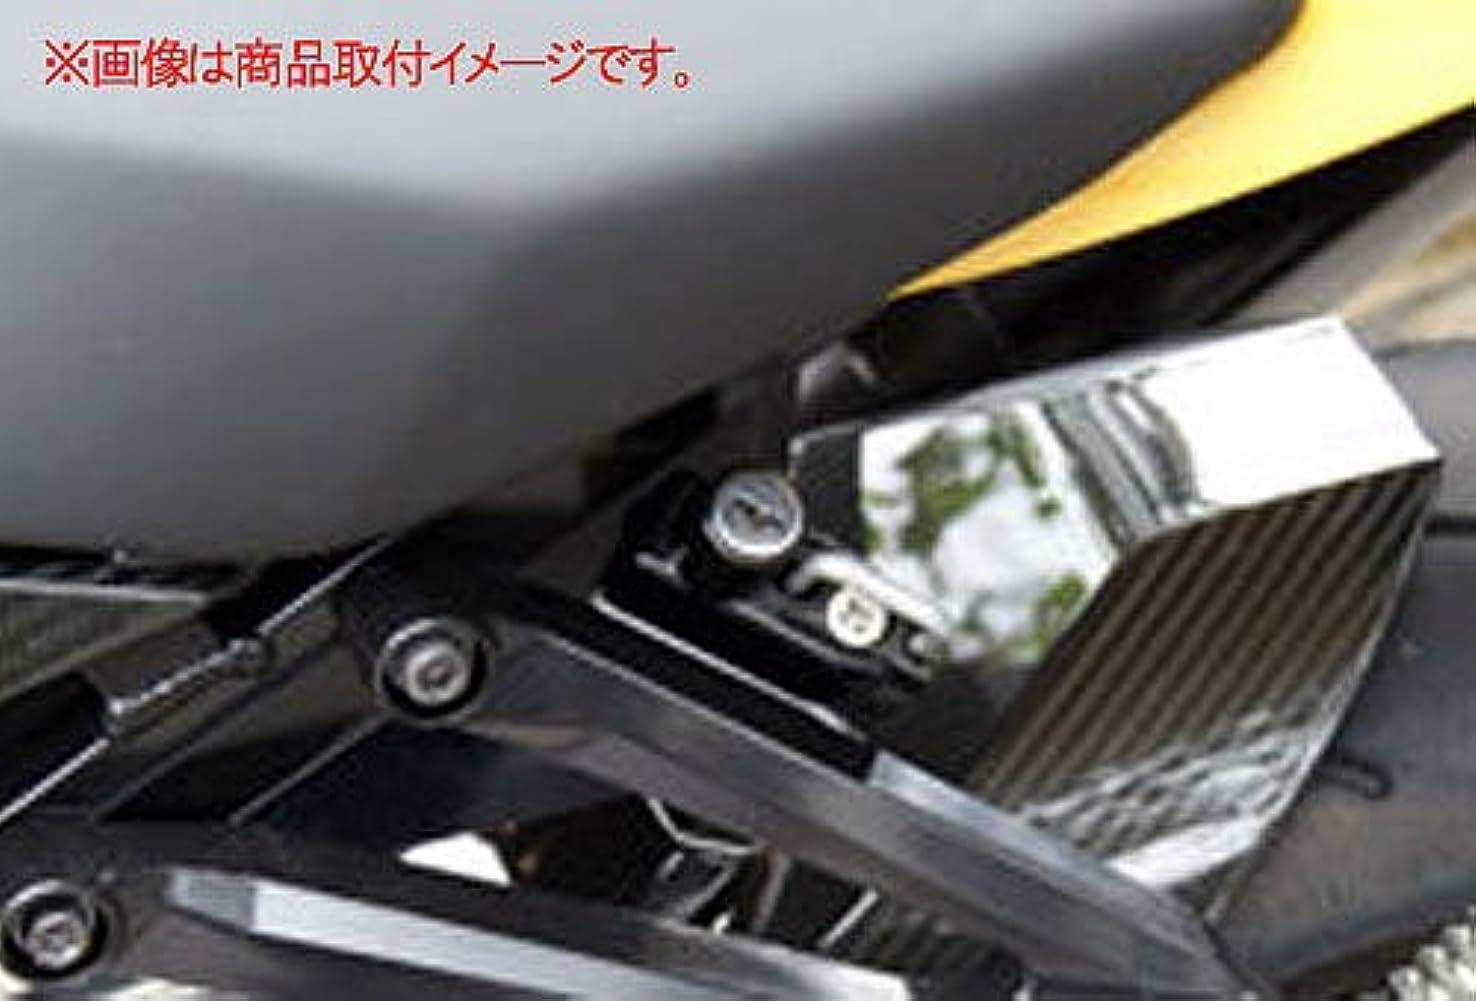 反逆太平洋諸島オセアニアキジマ(Kijima) ヘルメットロック(車種別) ブラック BMW:S1000RR用 BM-05003